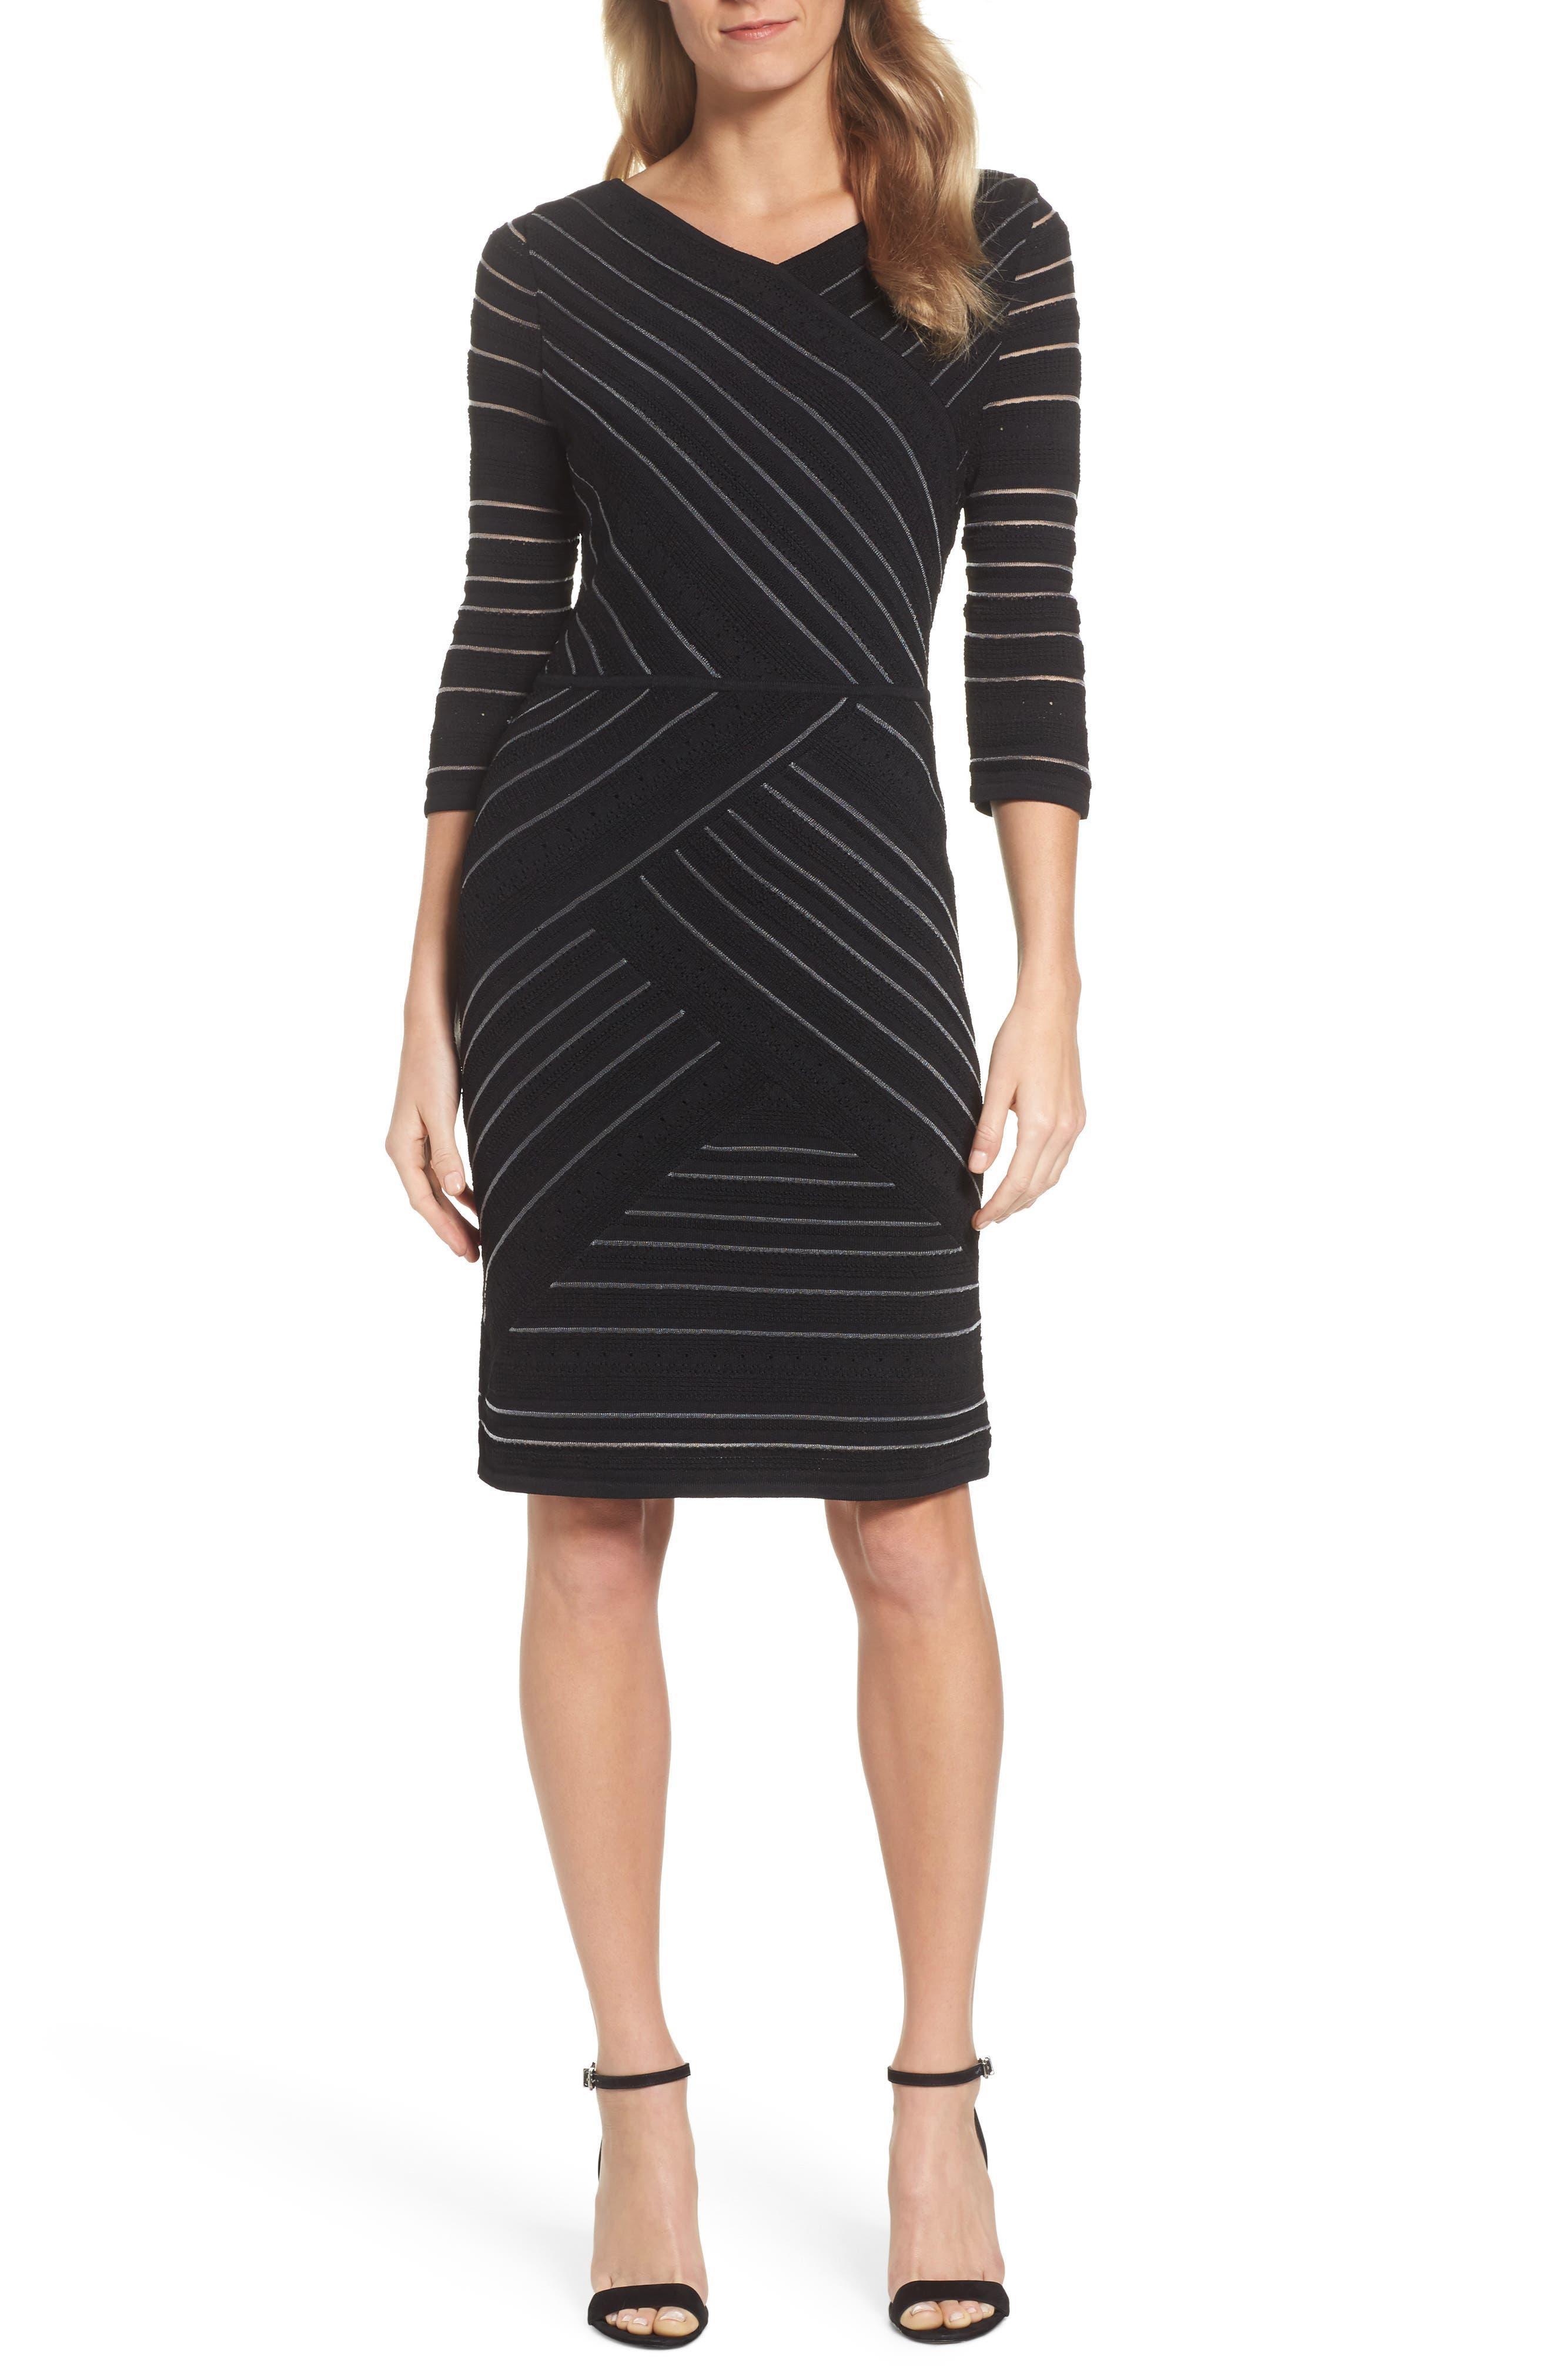 NIC+ ZOE Wrapped Up Sheath Dress,                         Main,                         color, Black Onyx